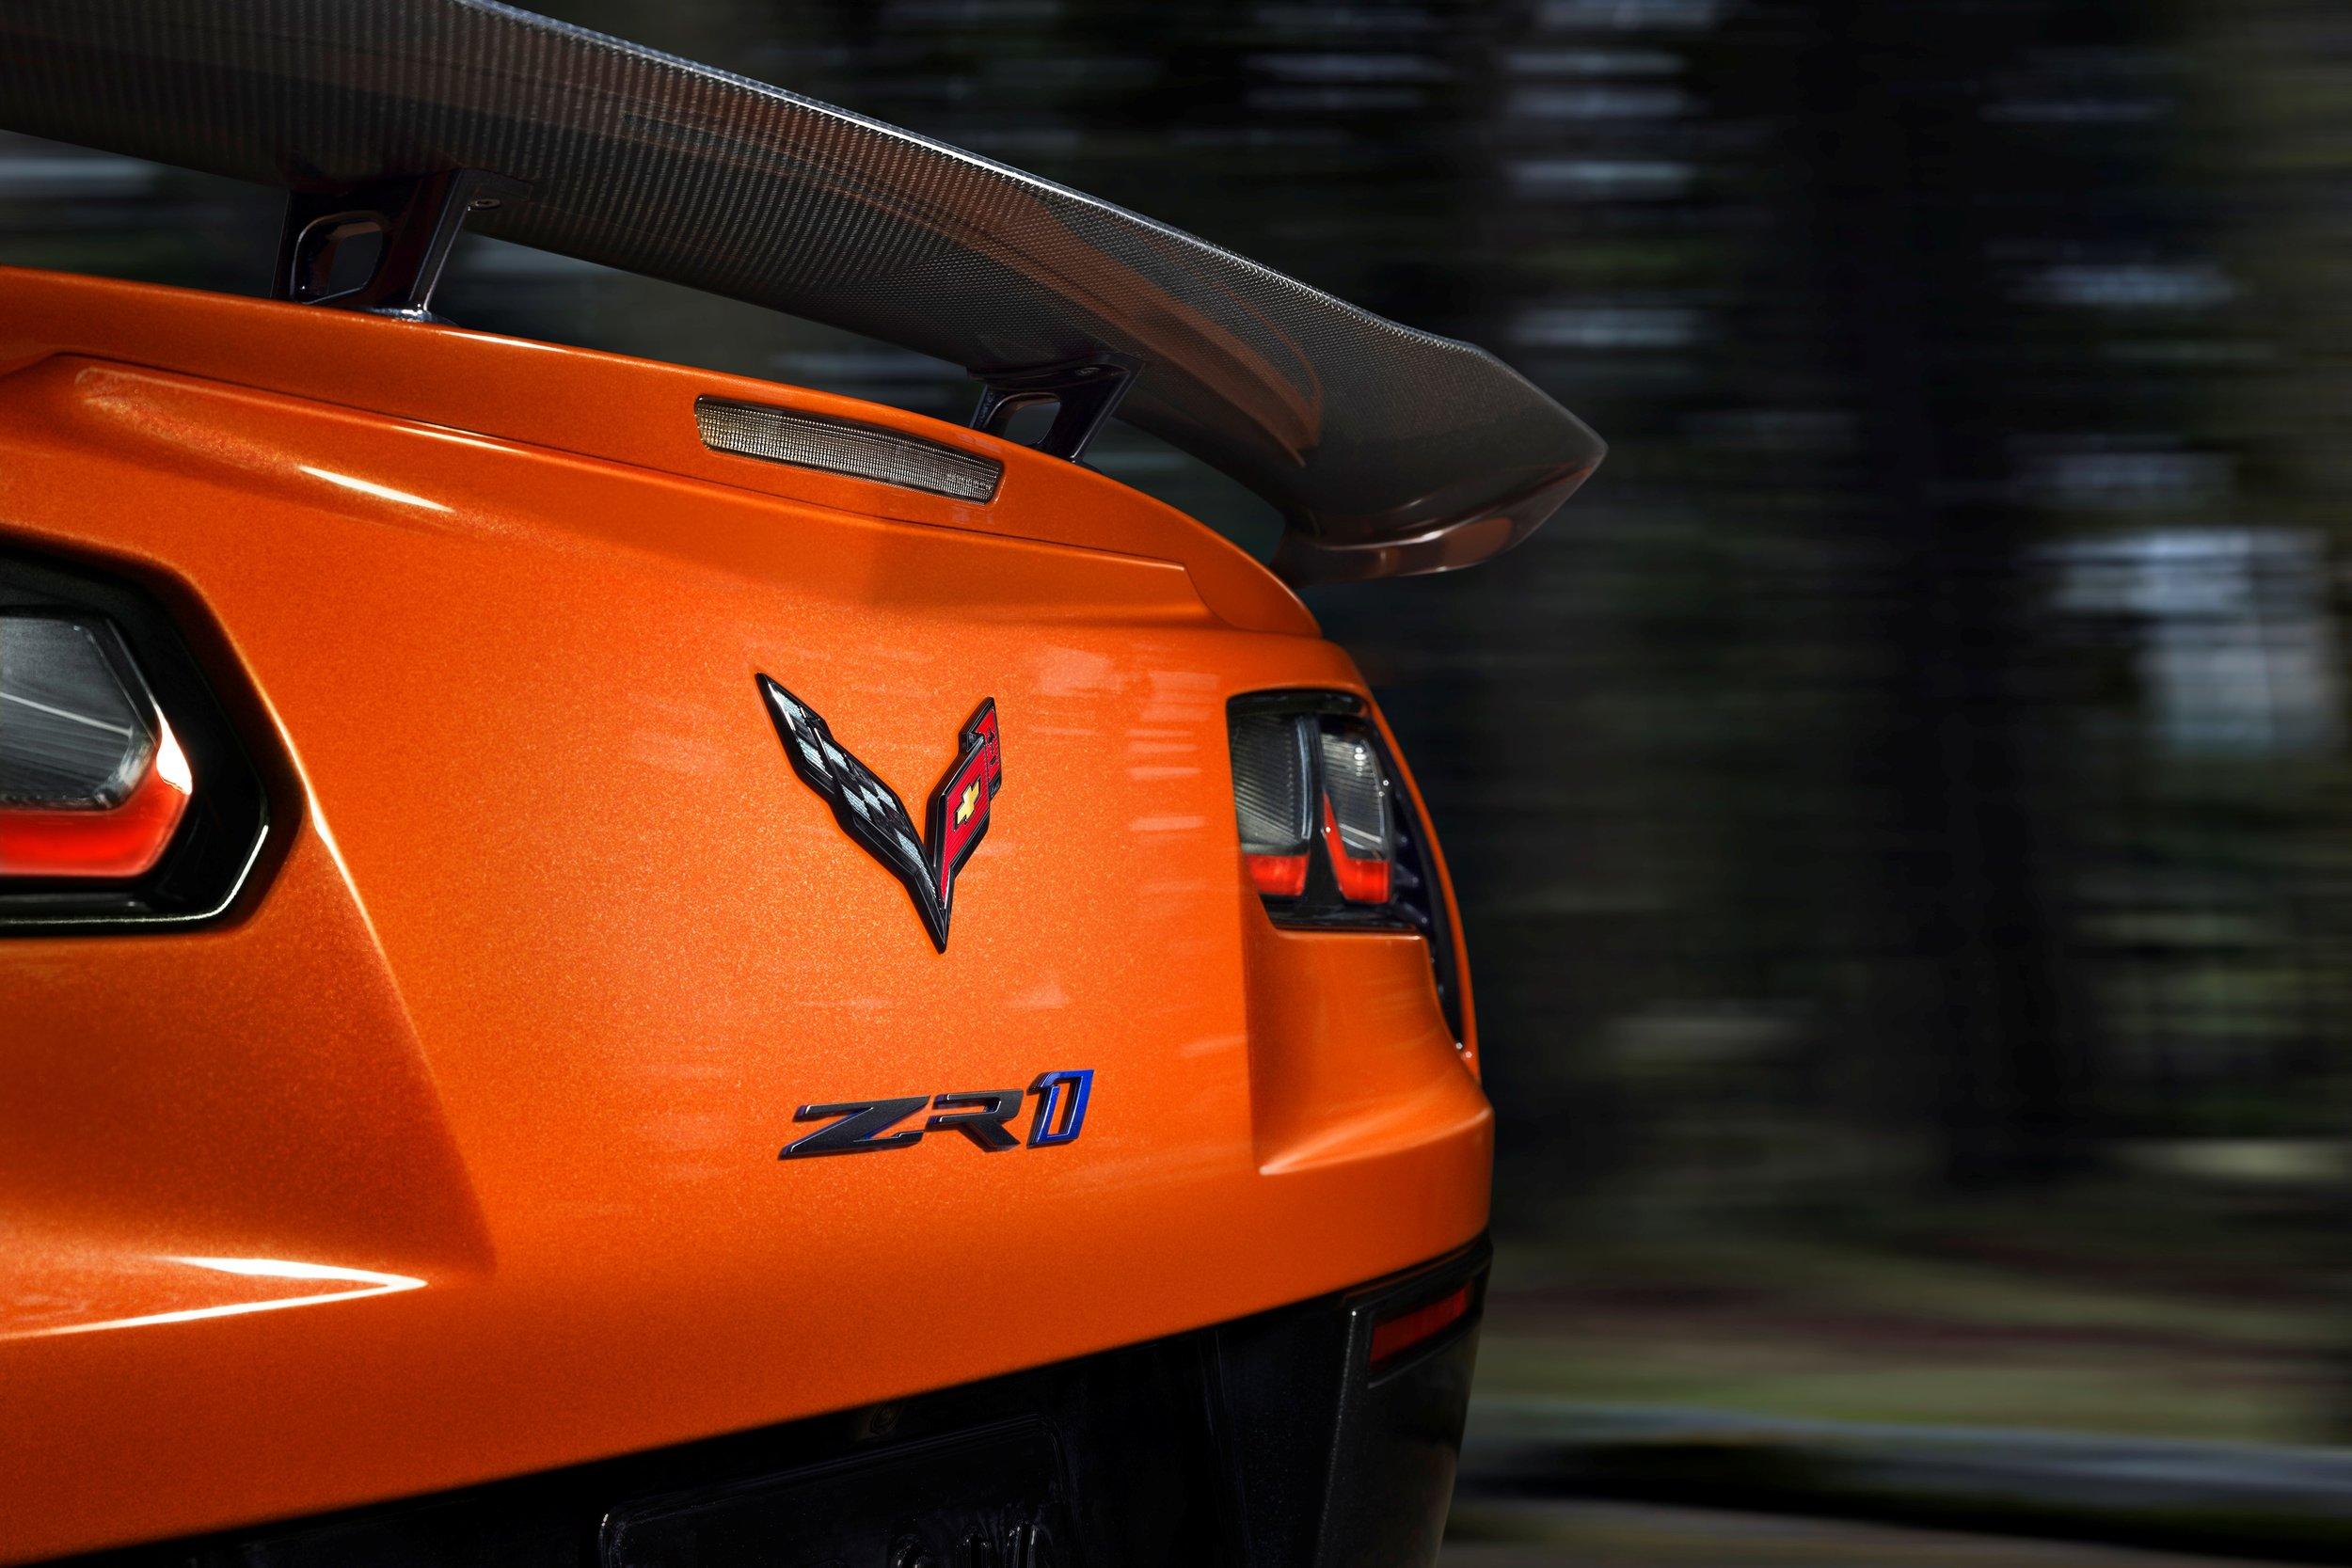 2019-Chevrolet-Corvette-ZR1-BLACKLIST-(23).jpg